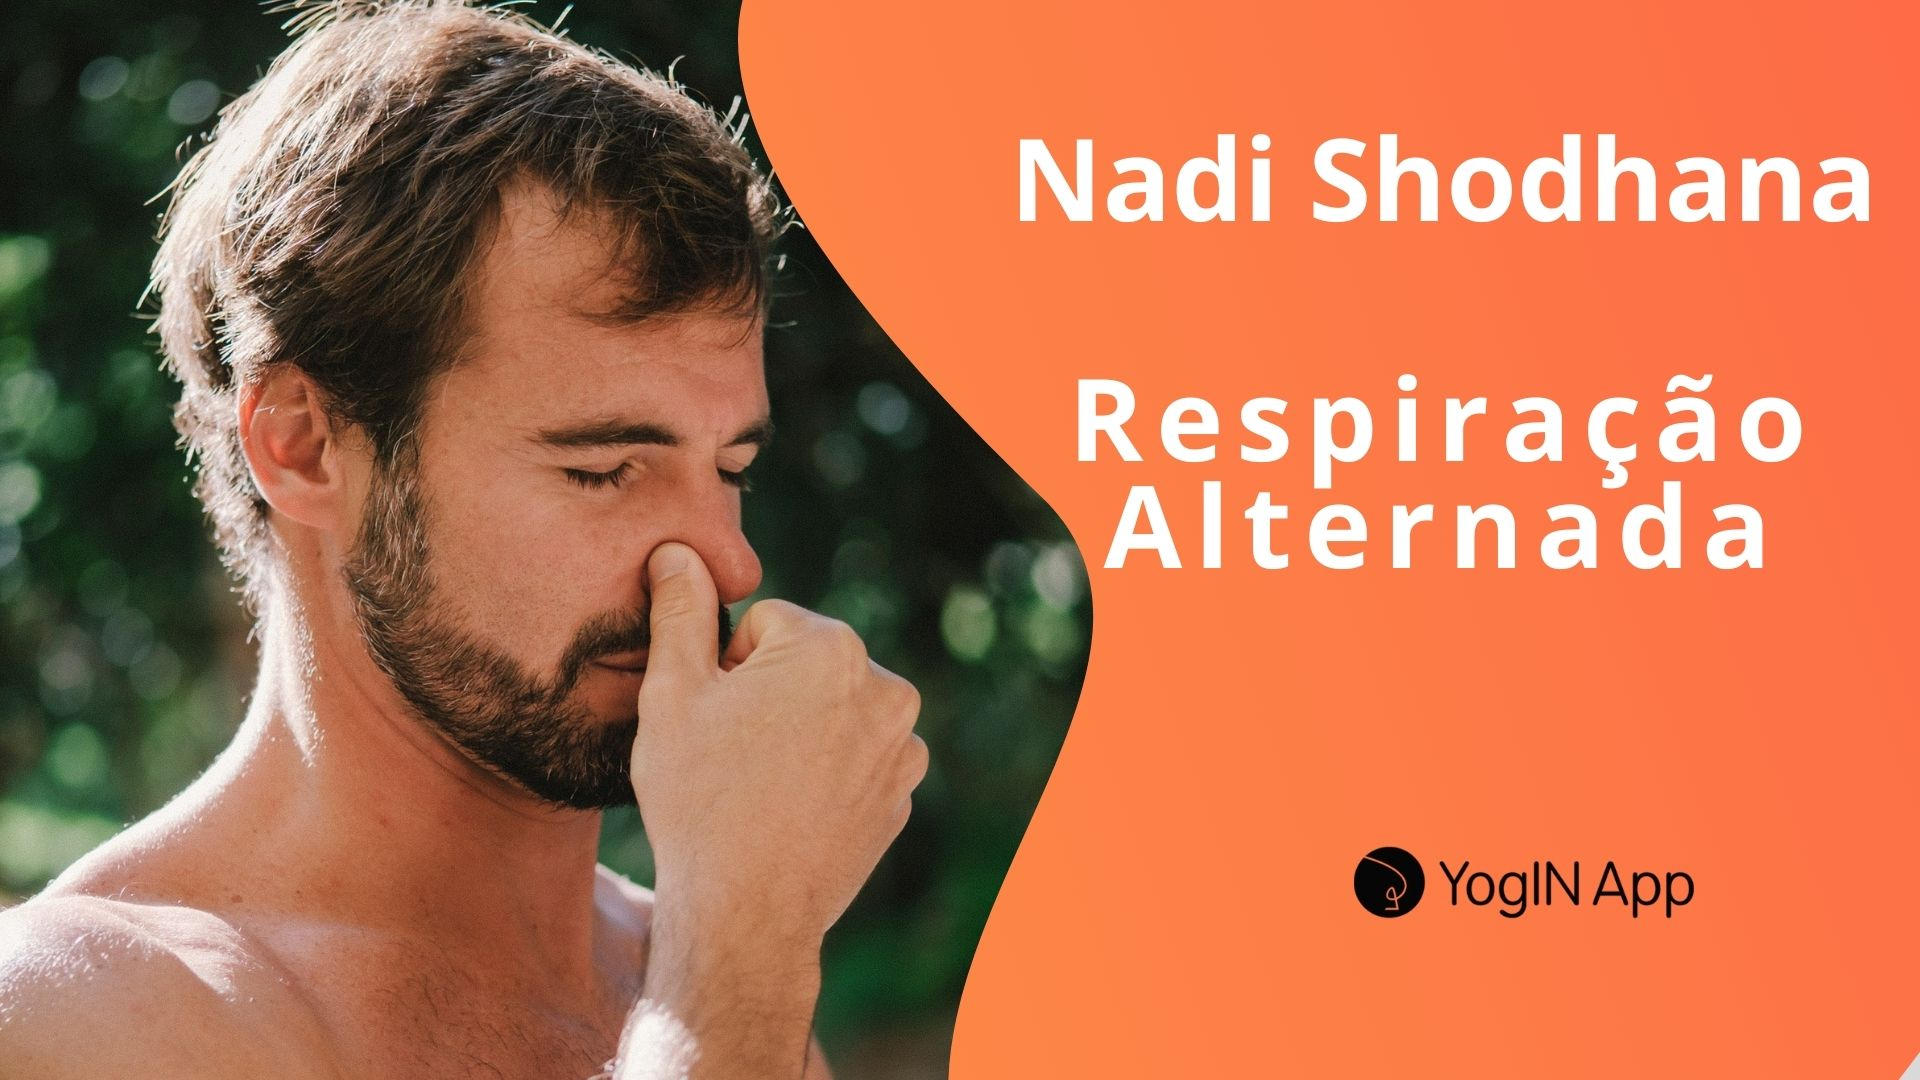 Nadi Shodhana - Respiração Alternada